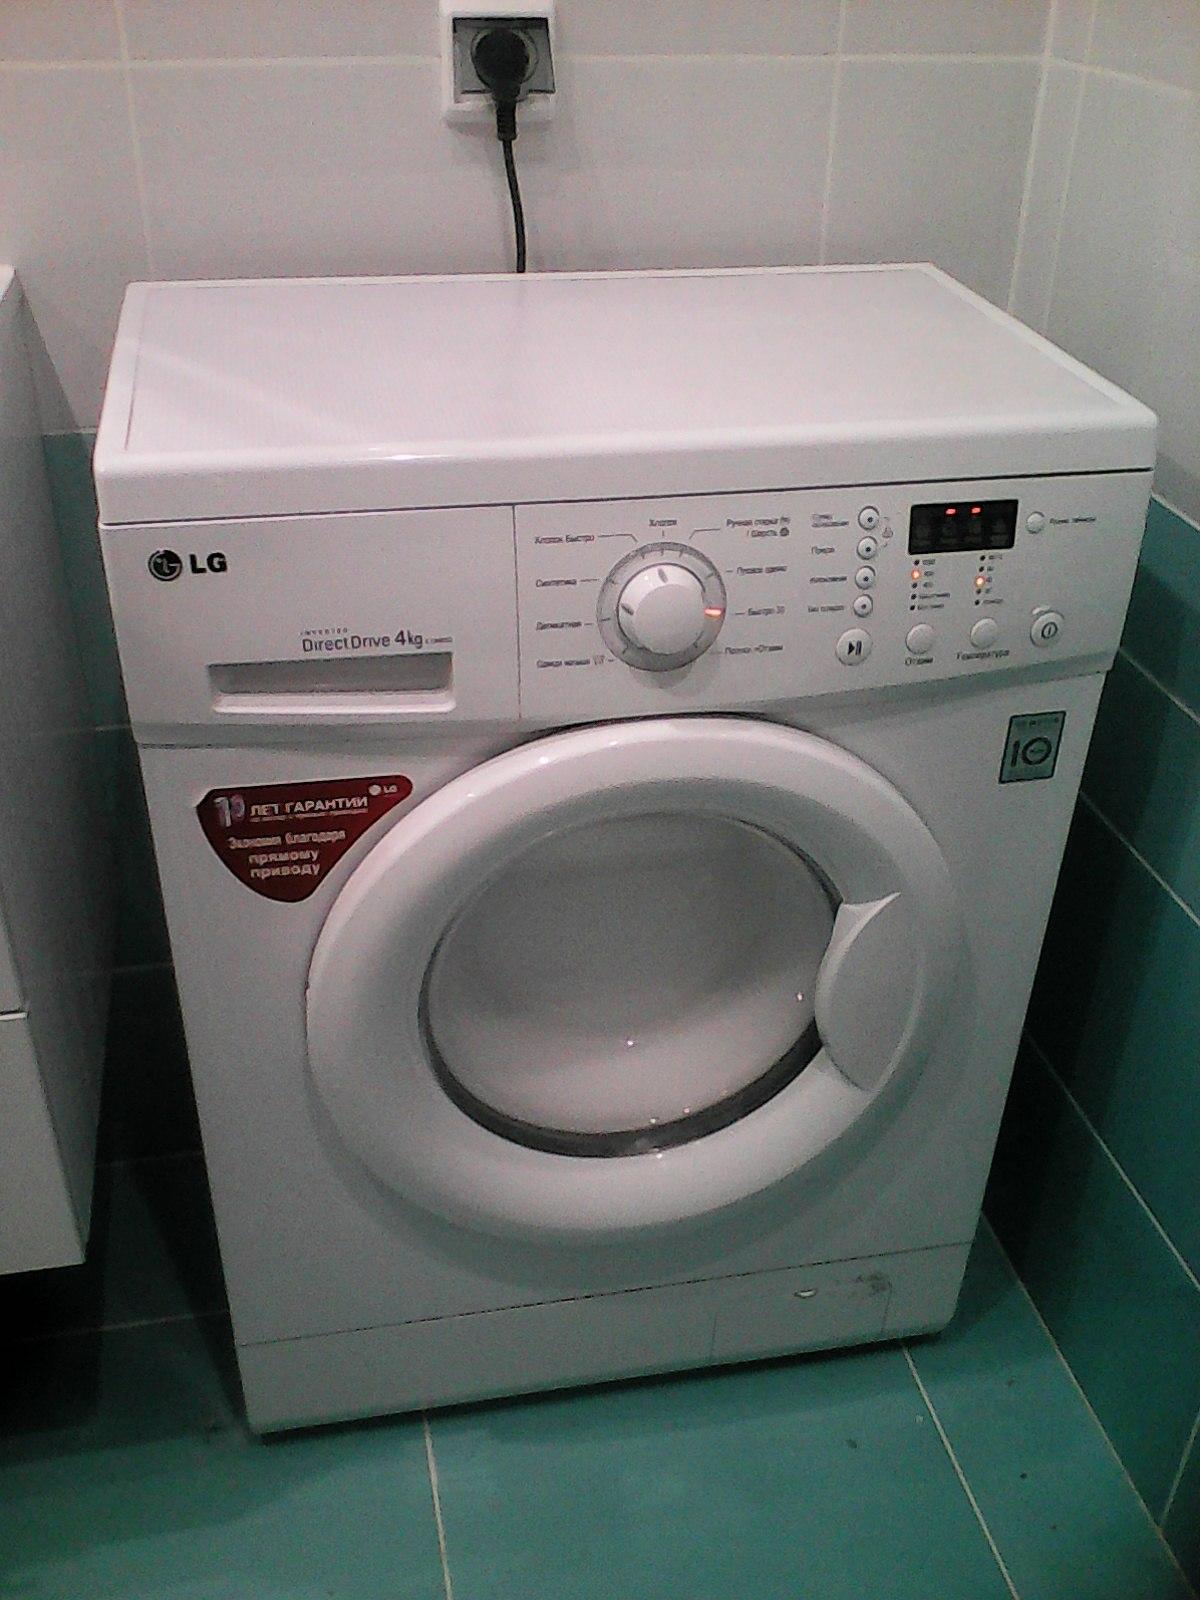 Автоматическая стиральная машина LG E 1069 SD